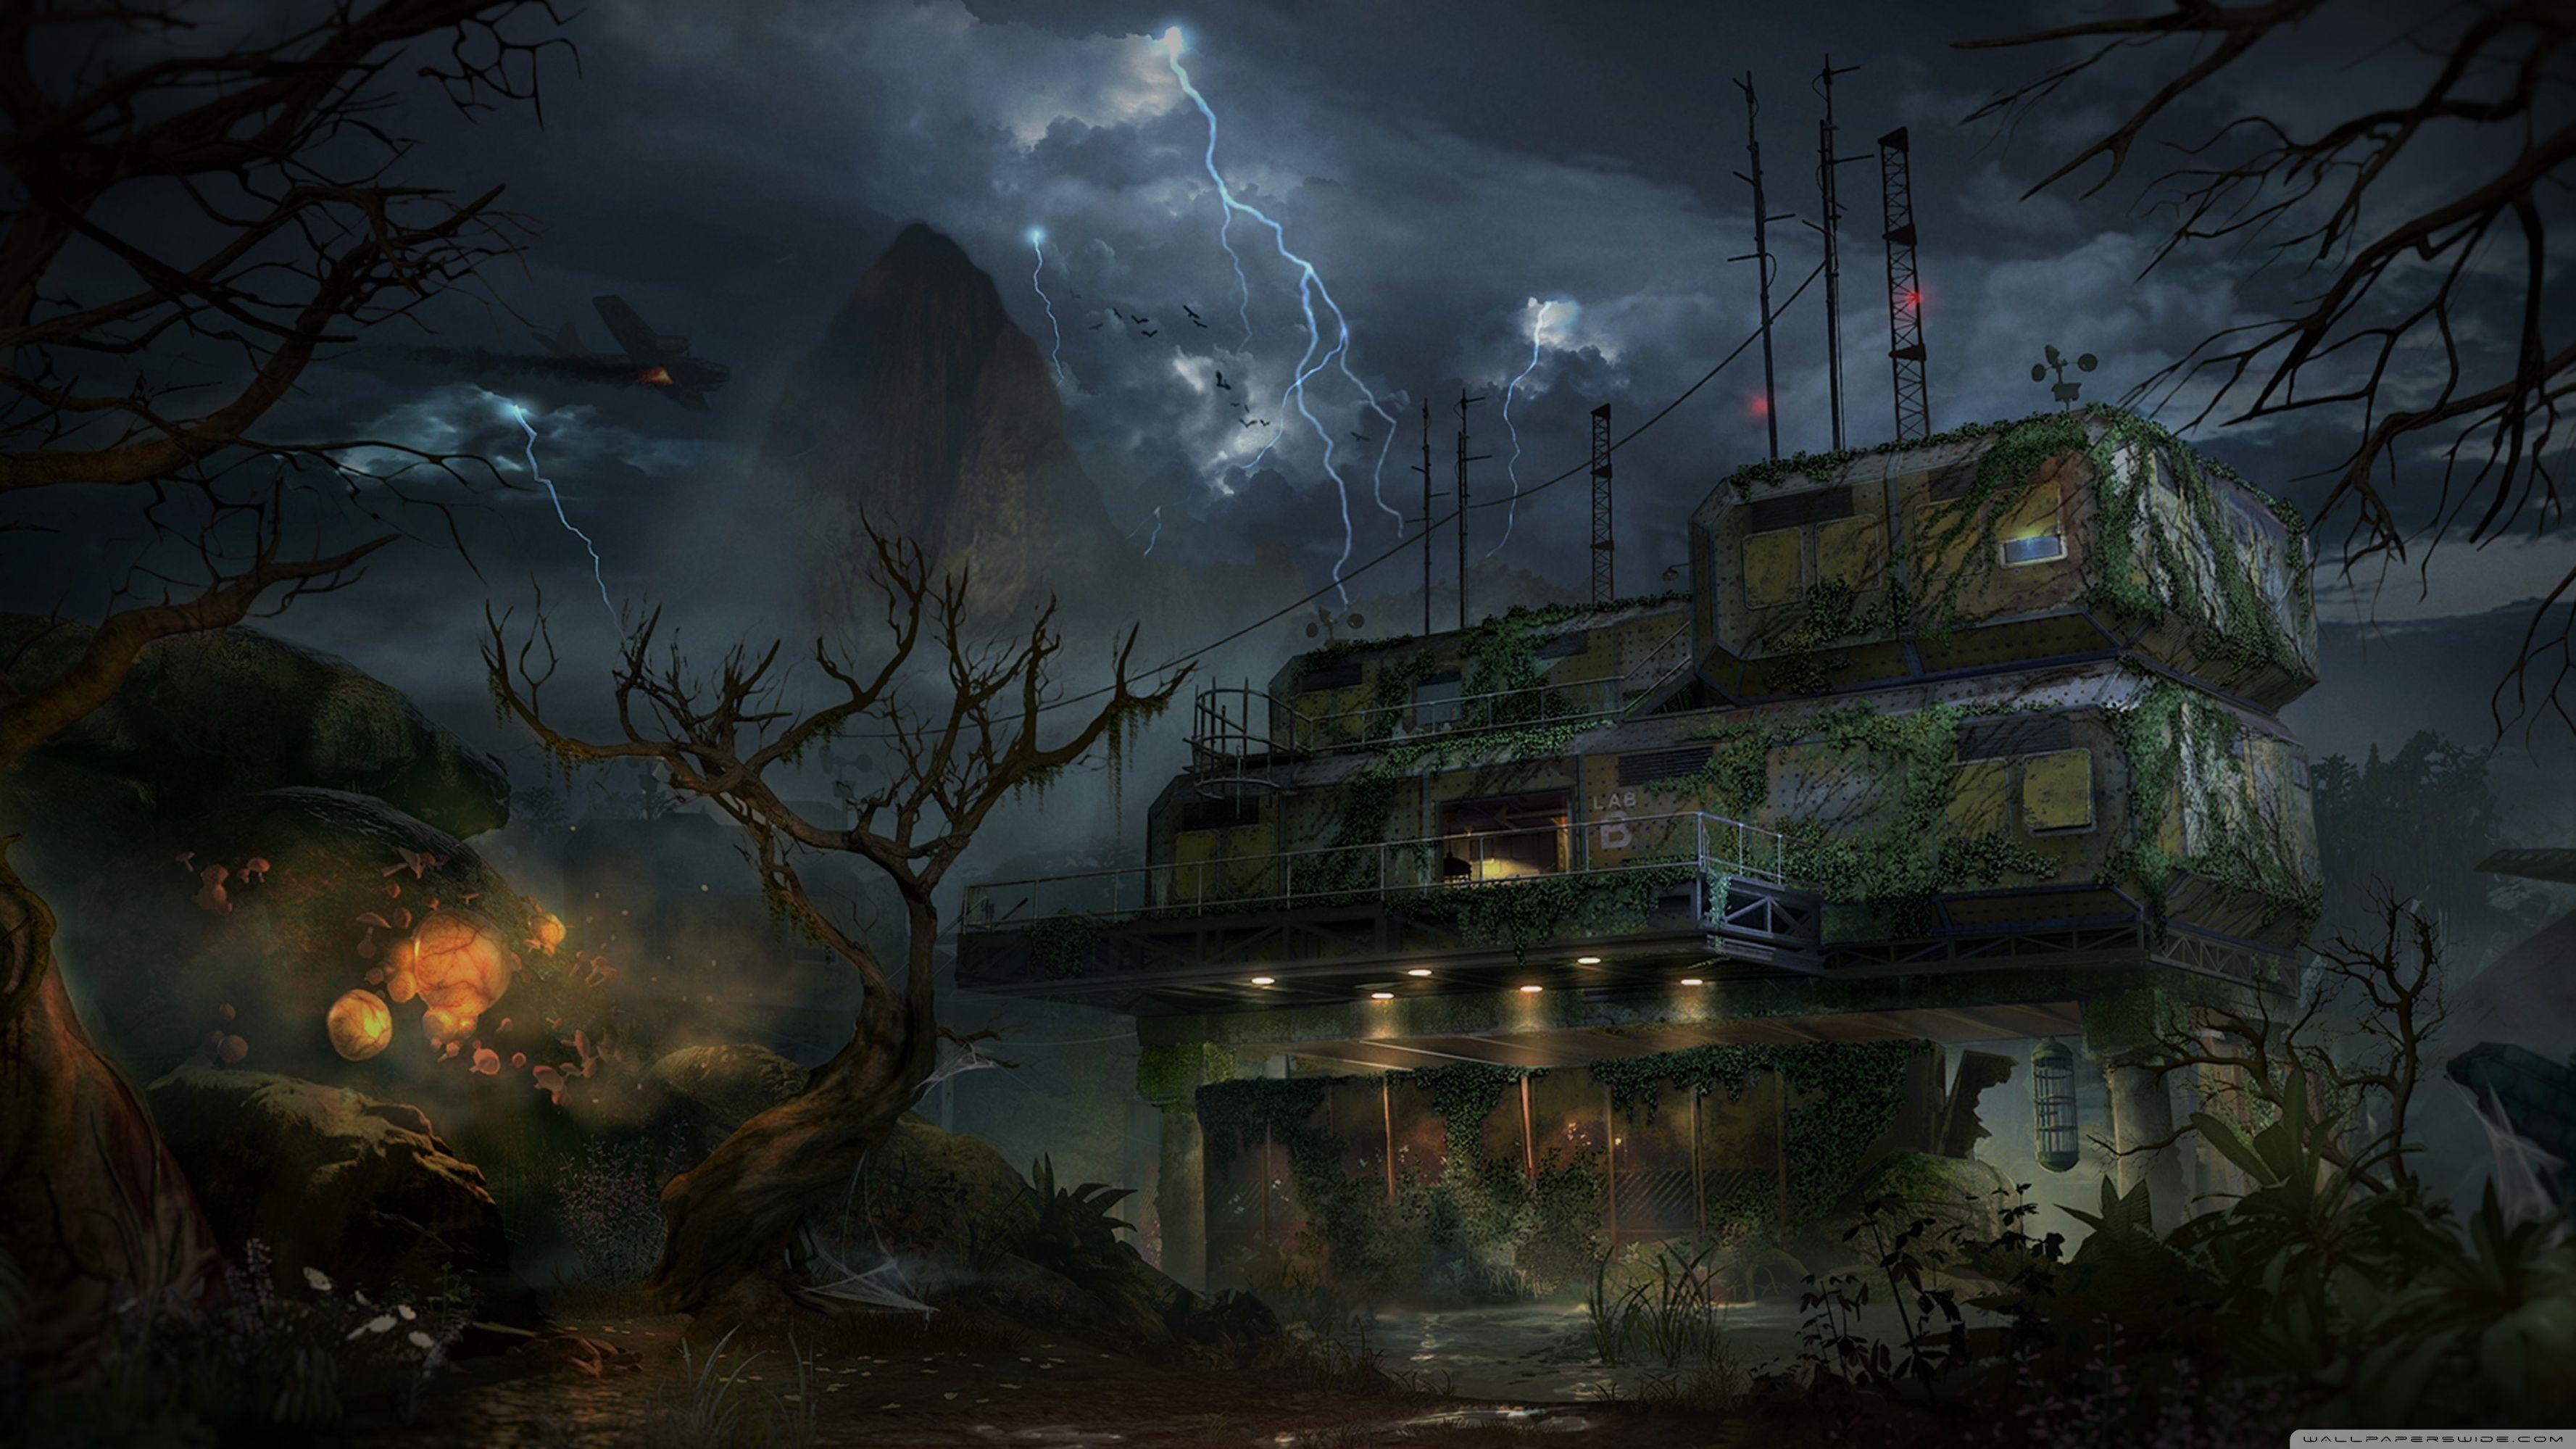 Zombie Wallpaper 4k Sellersagen Org